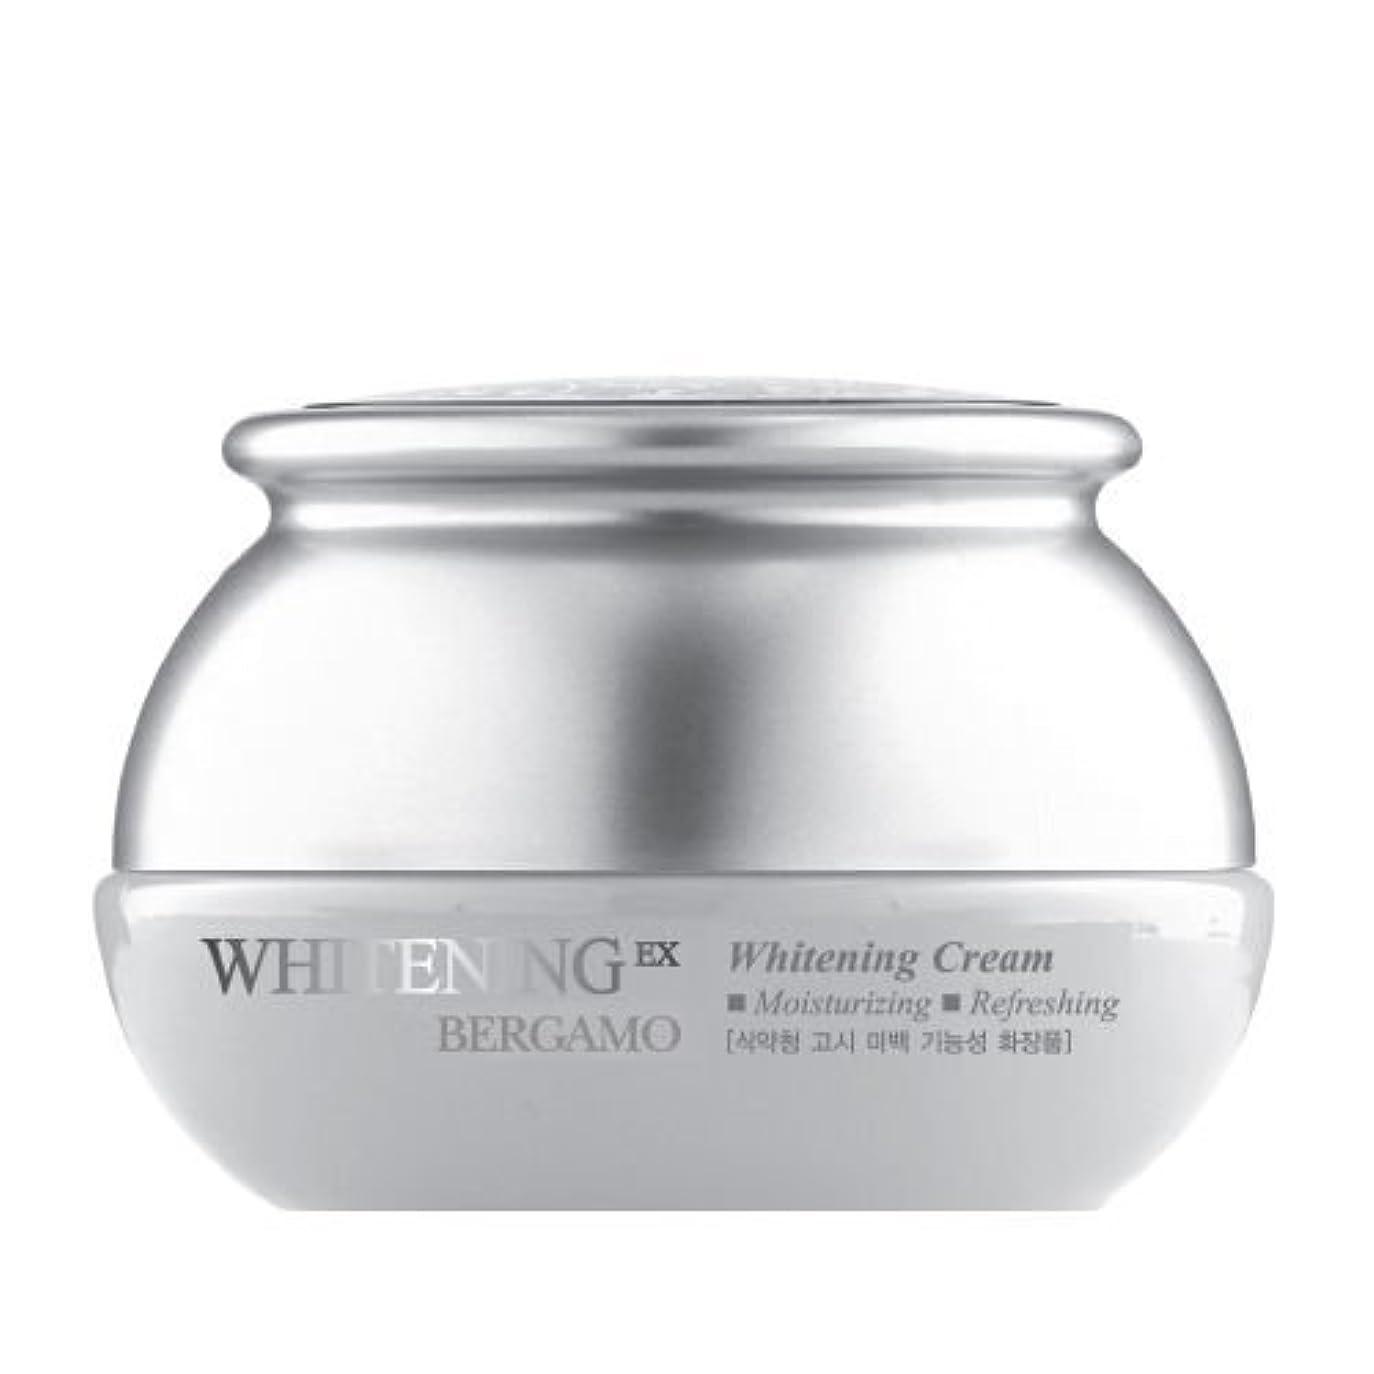 野ウサギ経験ライバルベルガモ[韓国コスメBergamo]Whitening EX Wrinkle Care Cream ホワイトニングEXリンクルケアクリーム50ml しわ管理 [並行輸入品]